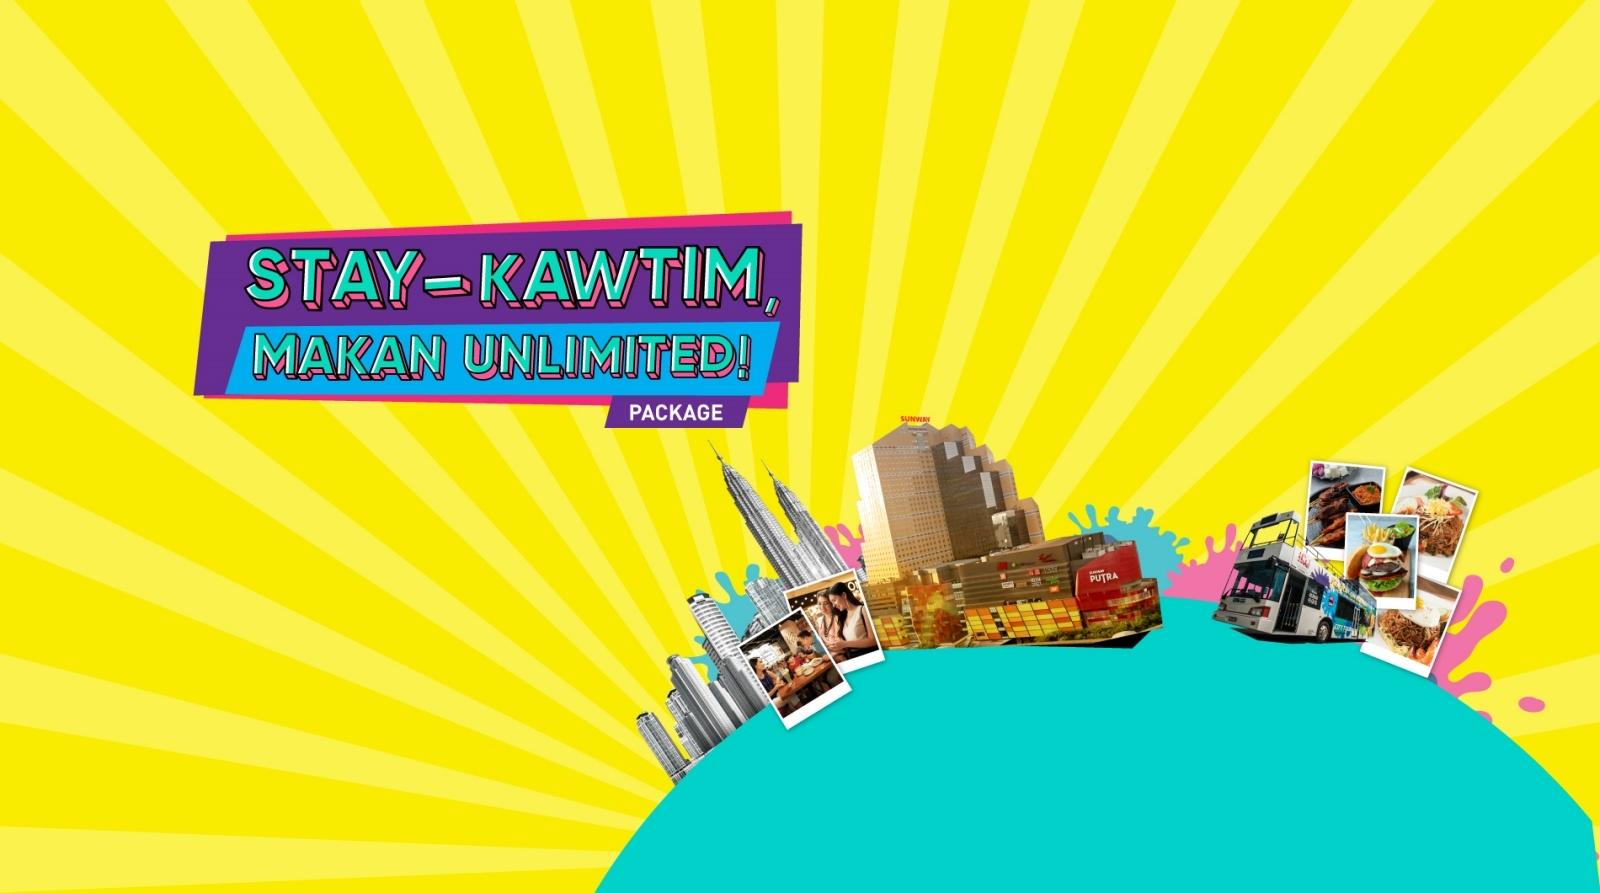 STAY-Kawtim, MAKAN Unlimited!